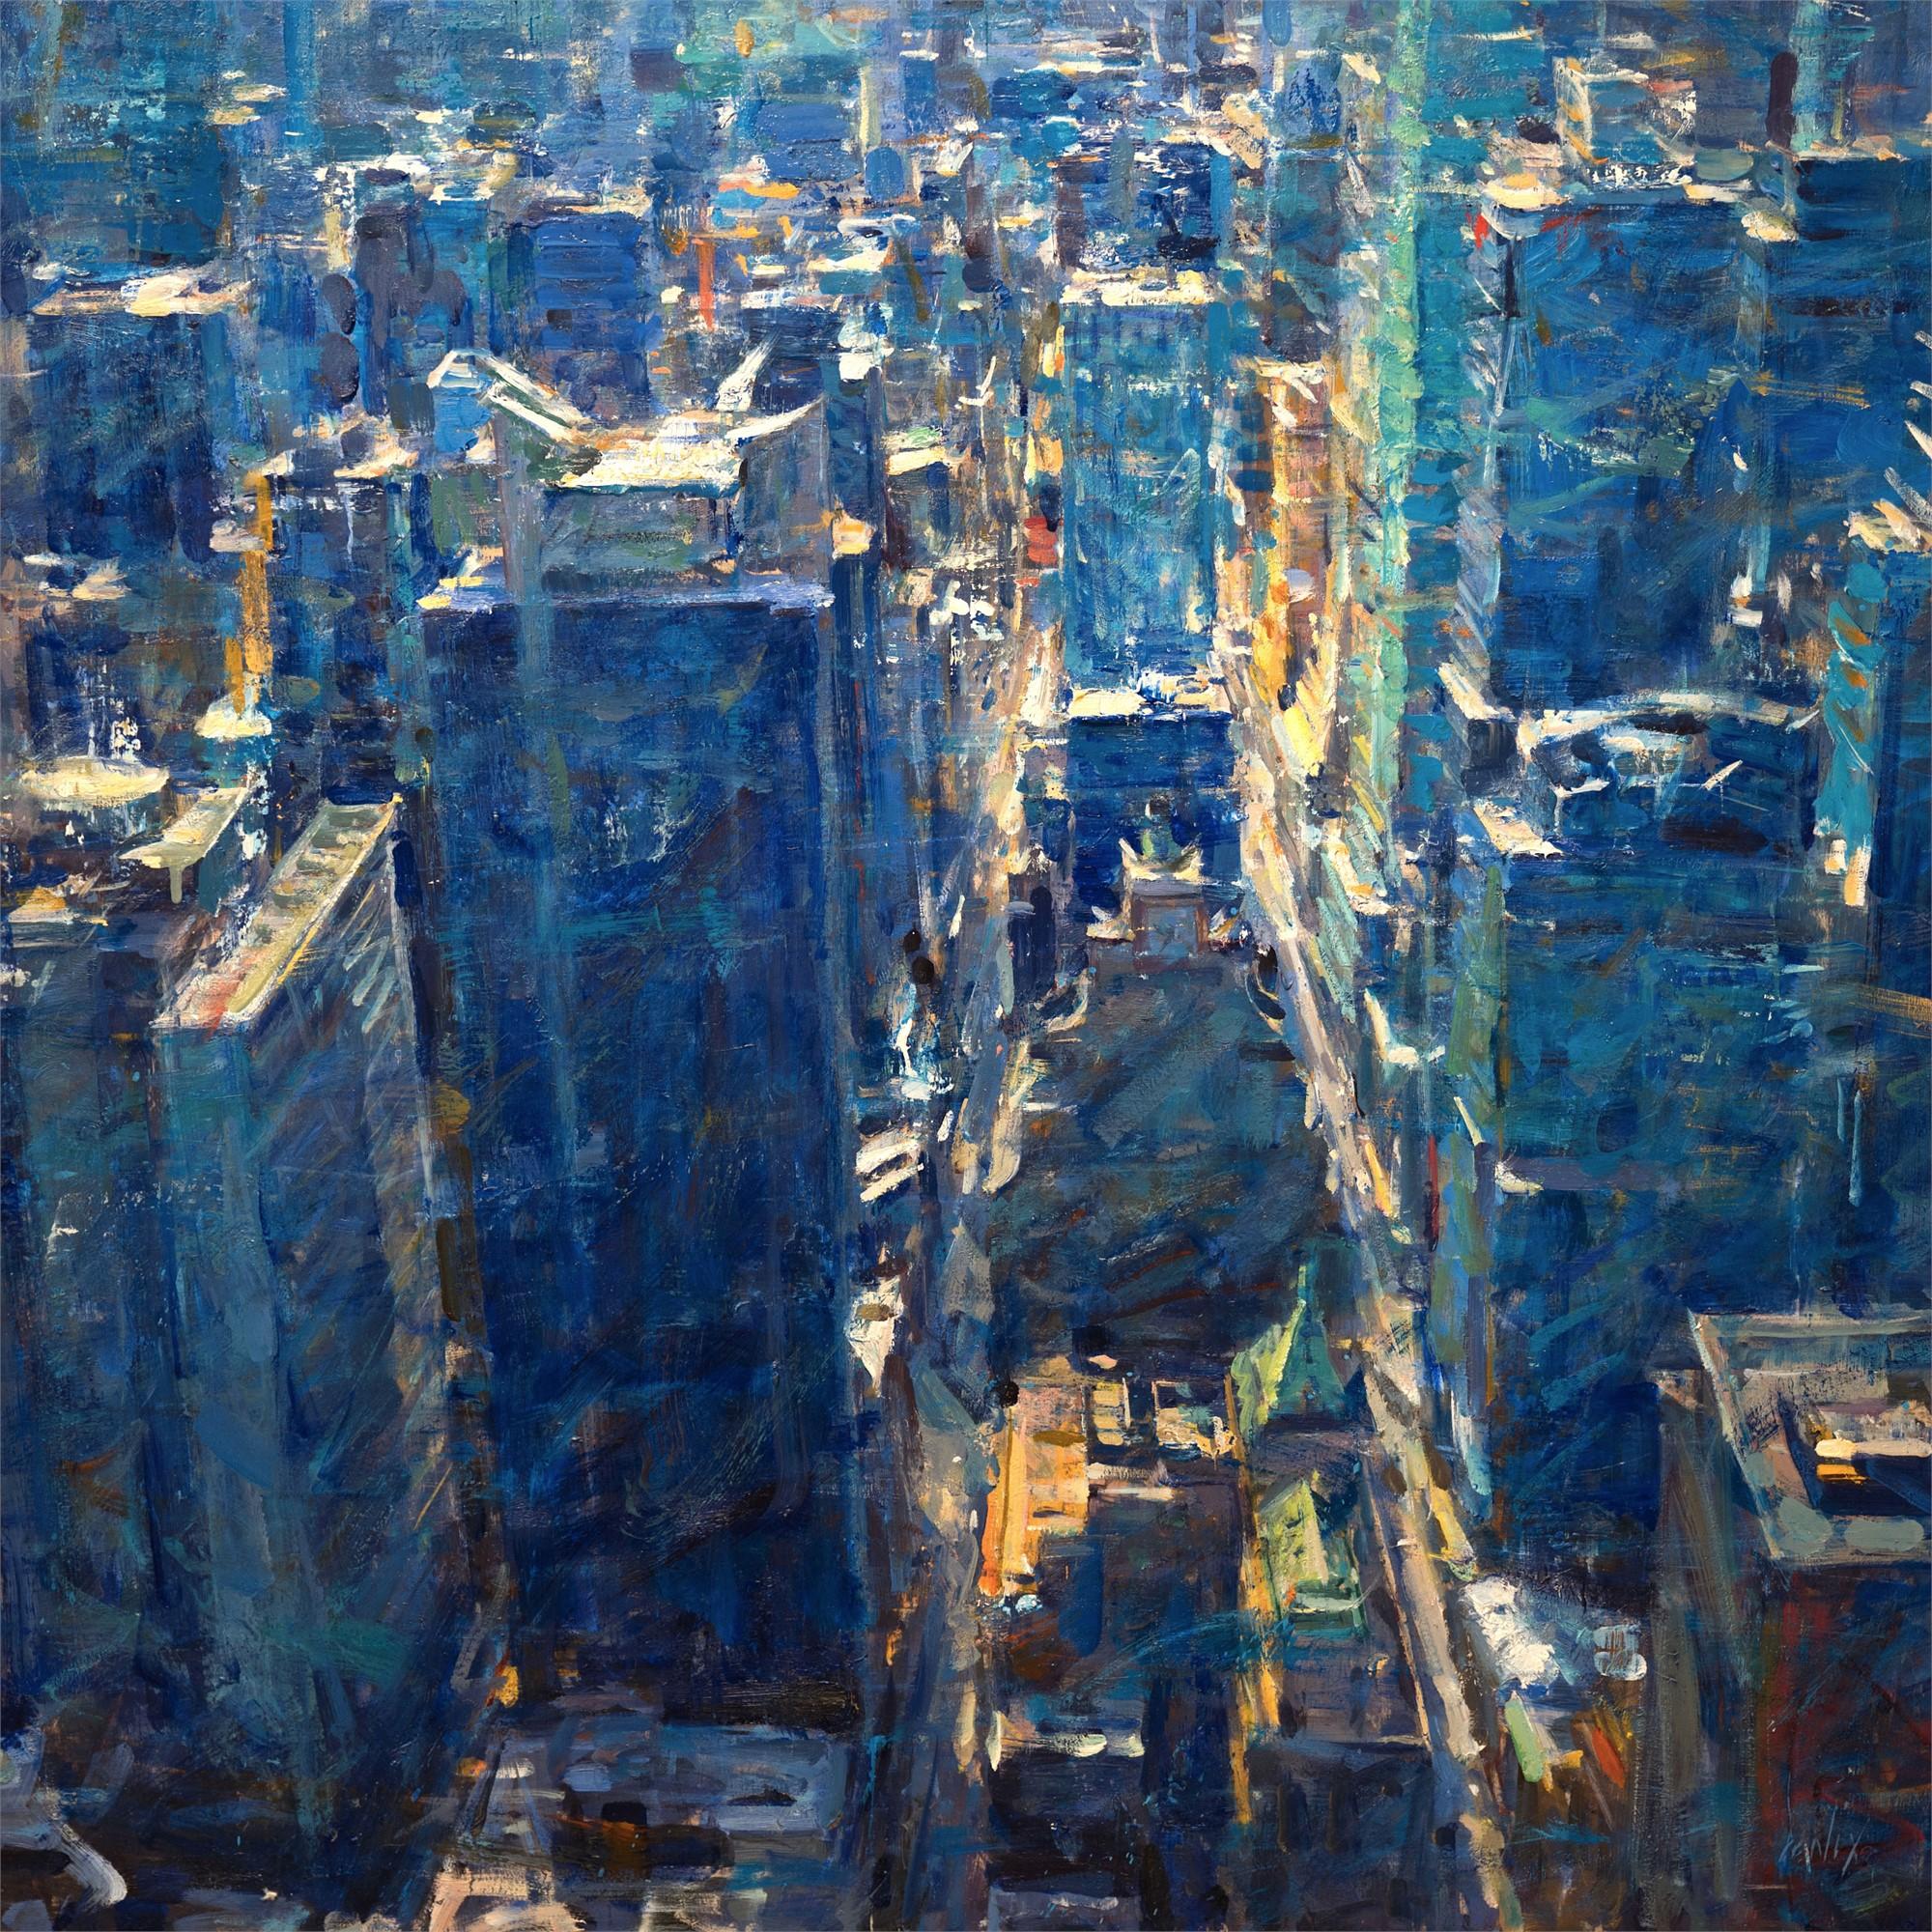 New York II by Derek Penix